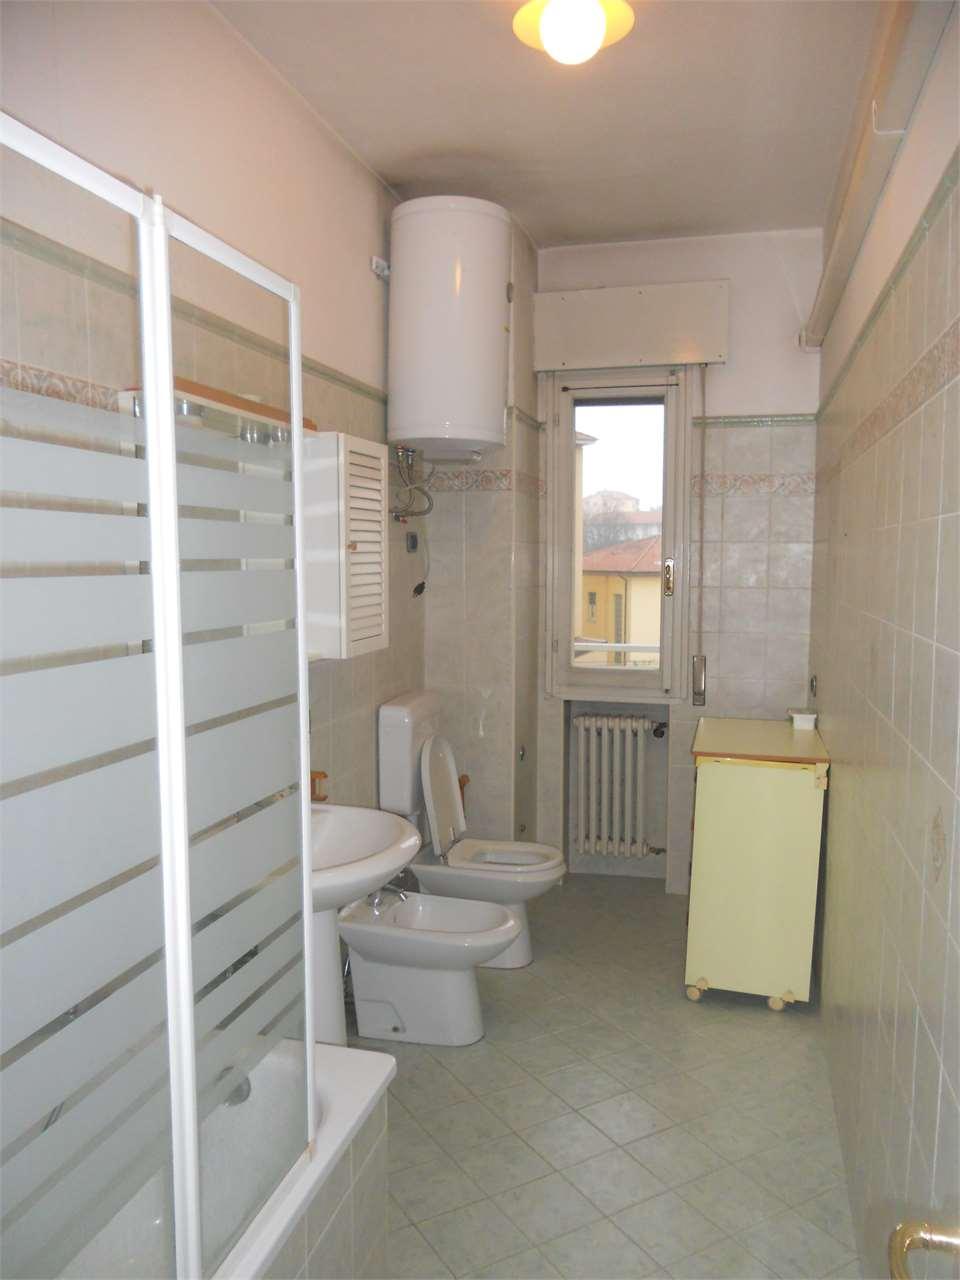 Appartamento in vendita a Mantova, 4 locali, zona Zona: Valletta Paiolo, prezzo € 95.000 | Cambio Casa.it